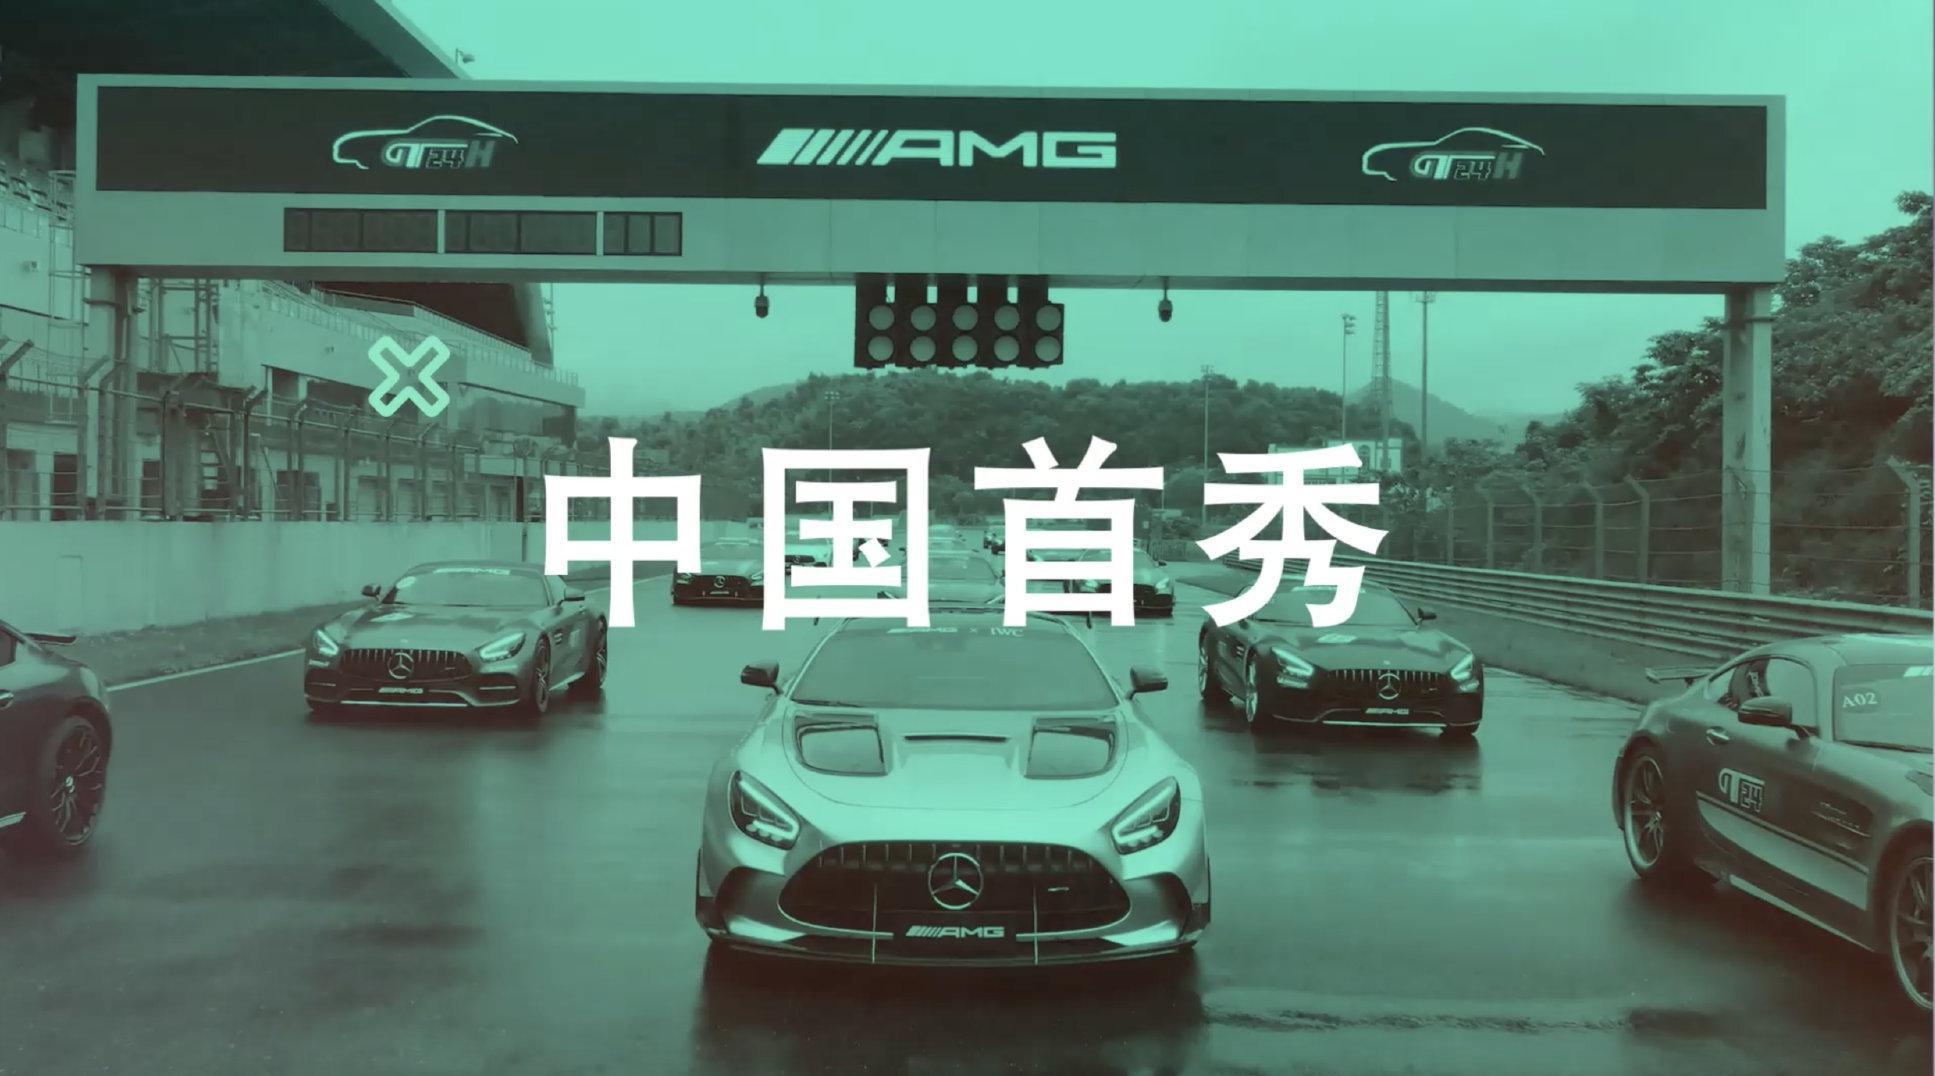 视频:真街道版GT3赛车 !  梅赛德斯 AMG  GT Black Series的技术含量到底有多高?